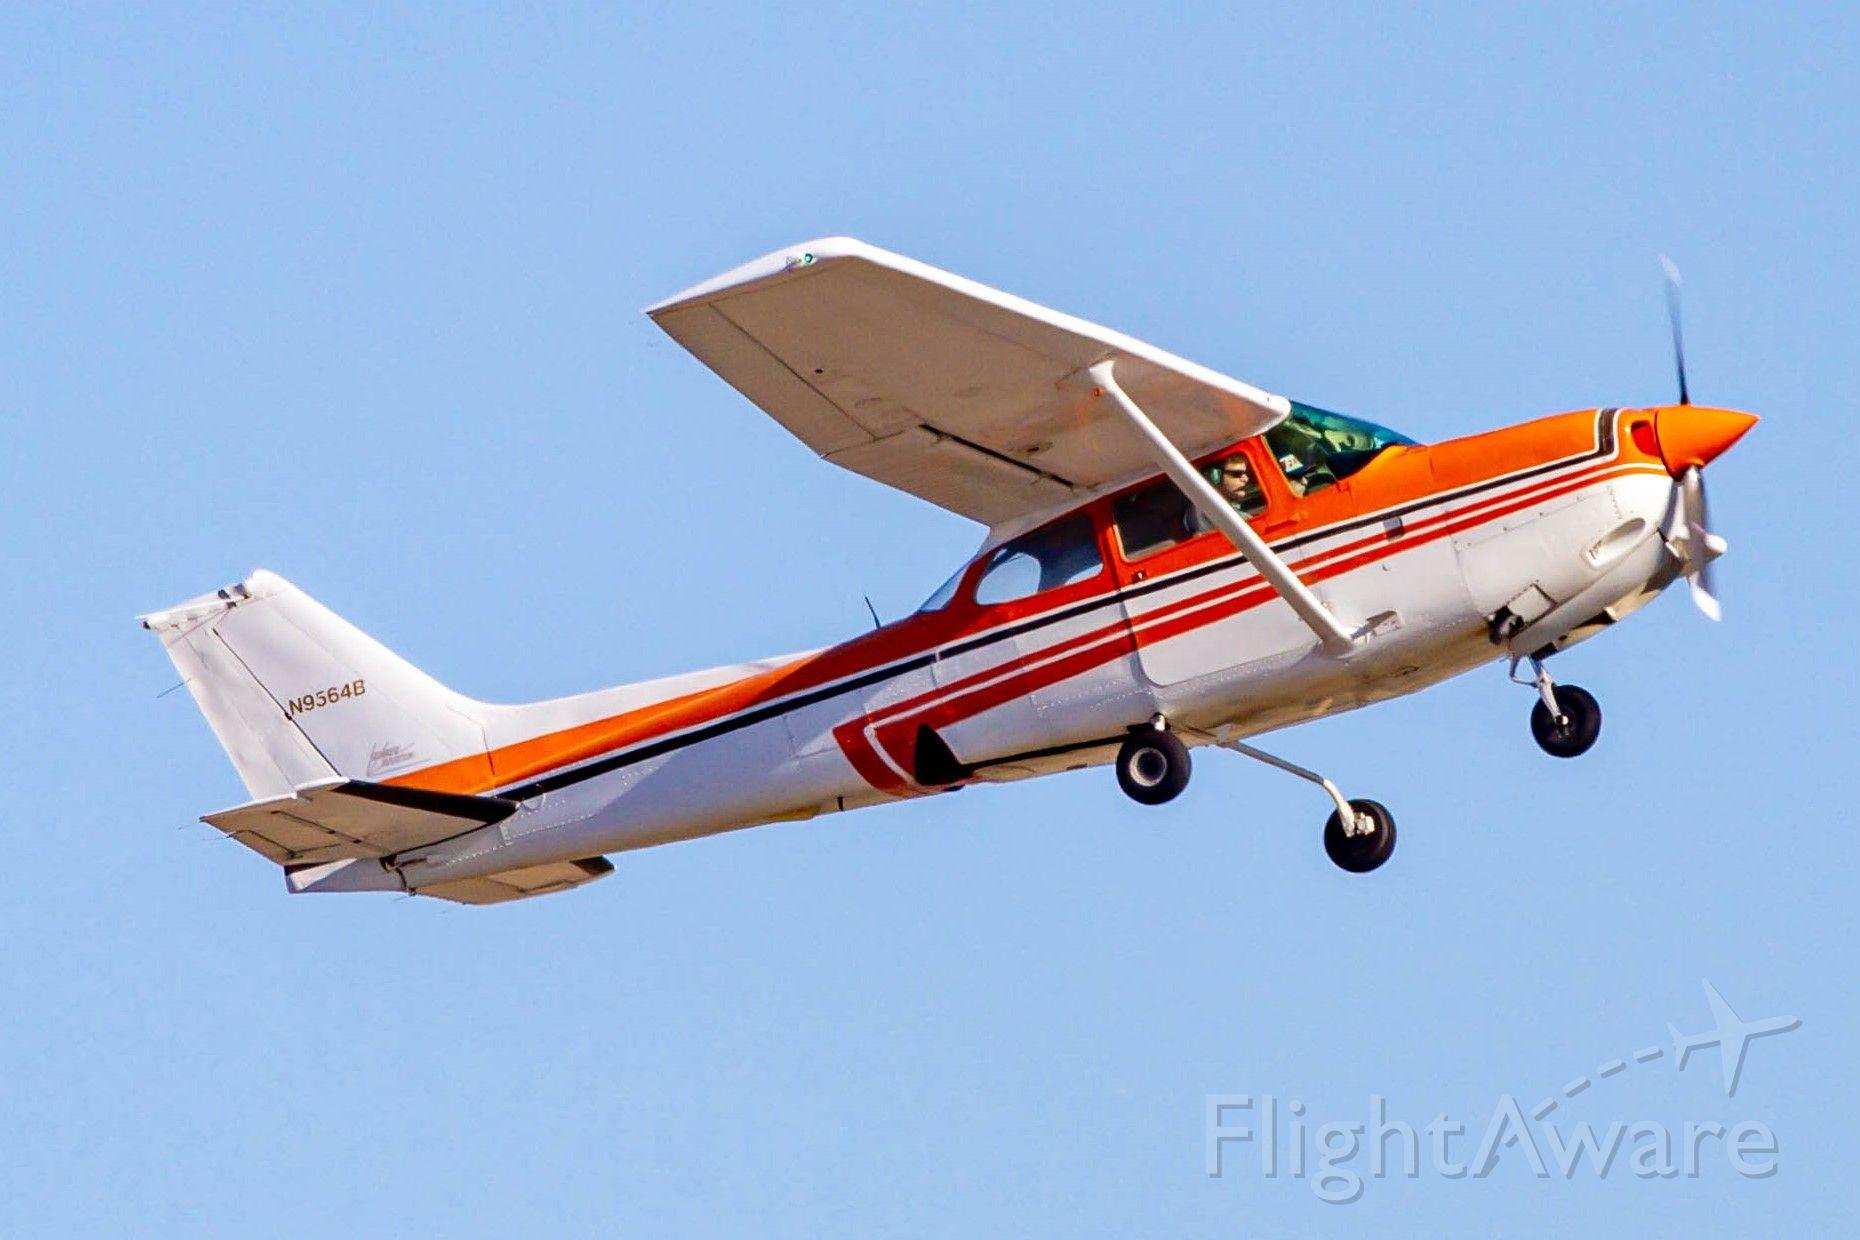 Cessna Cutlass RG (N9564B)